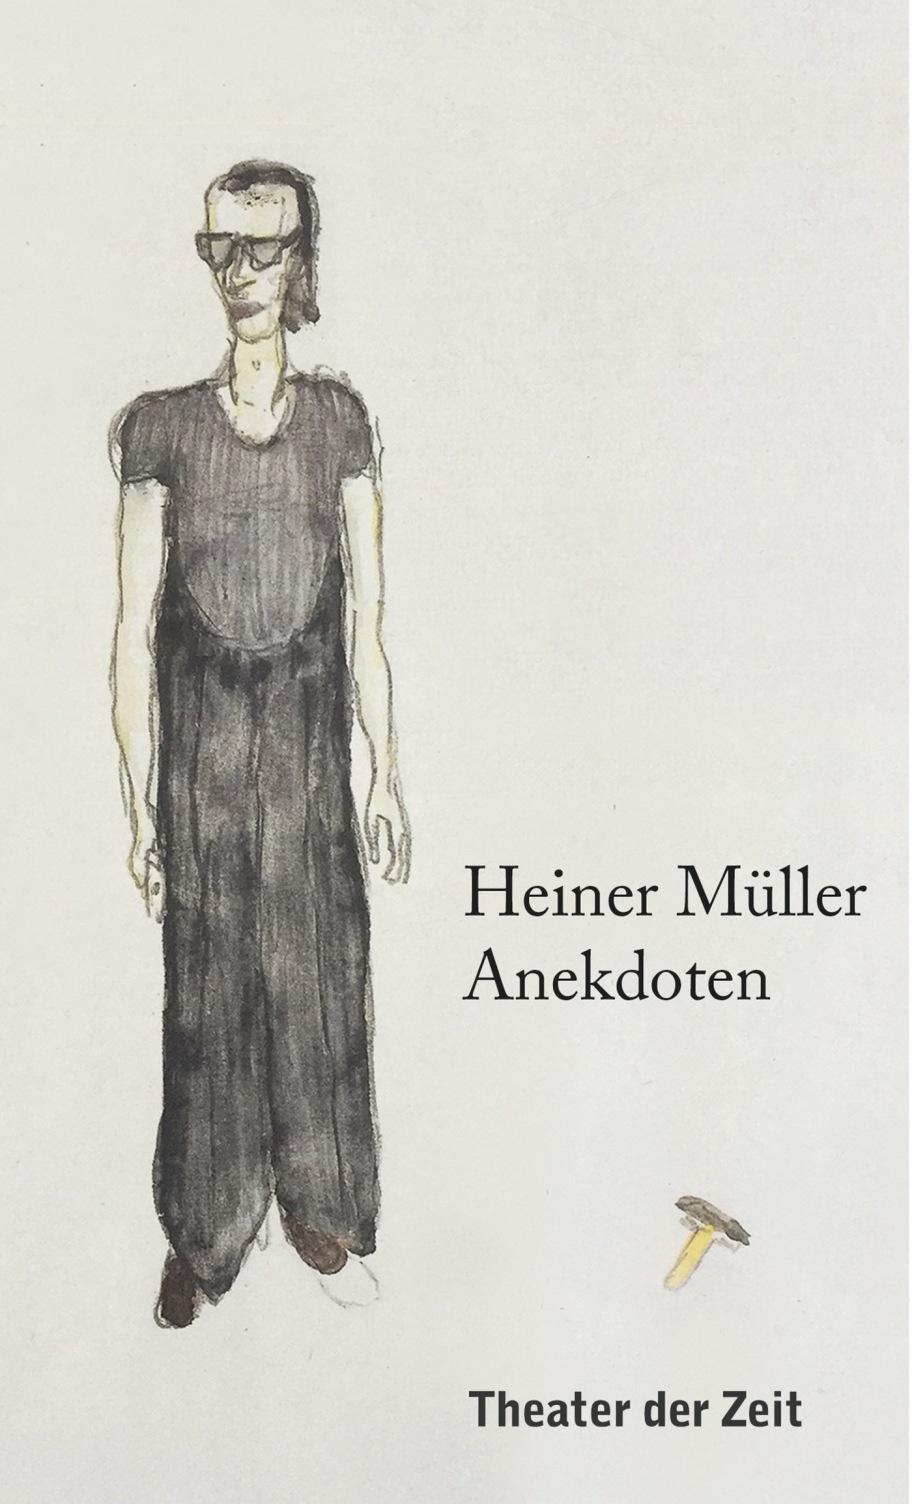 Heiner Müller: Heiner Müller – Anekdoten